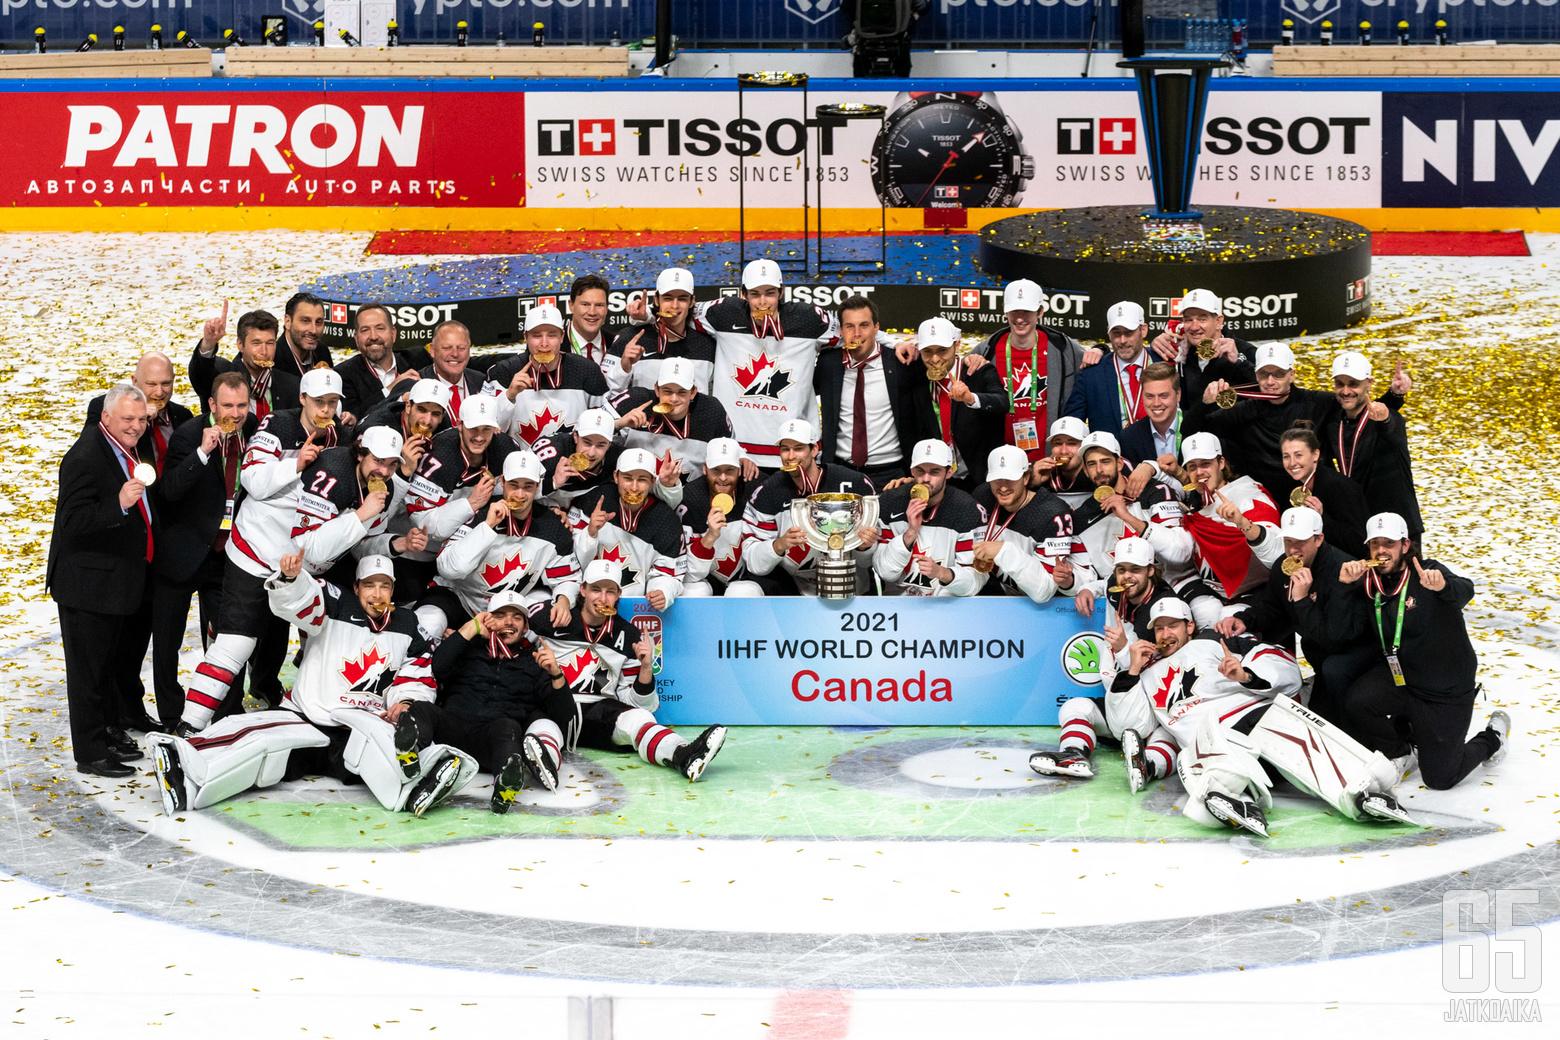 Jääkiekon maailmanmestari 2021, Kanada.